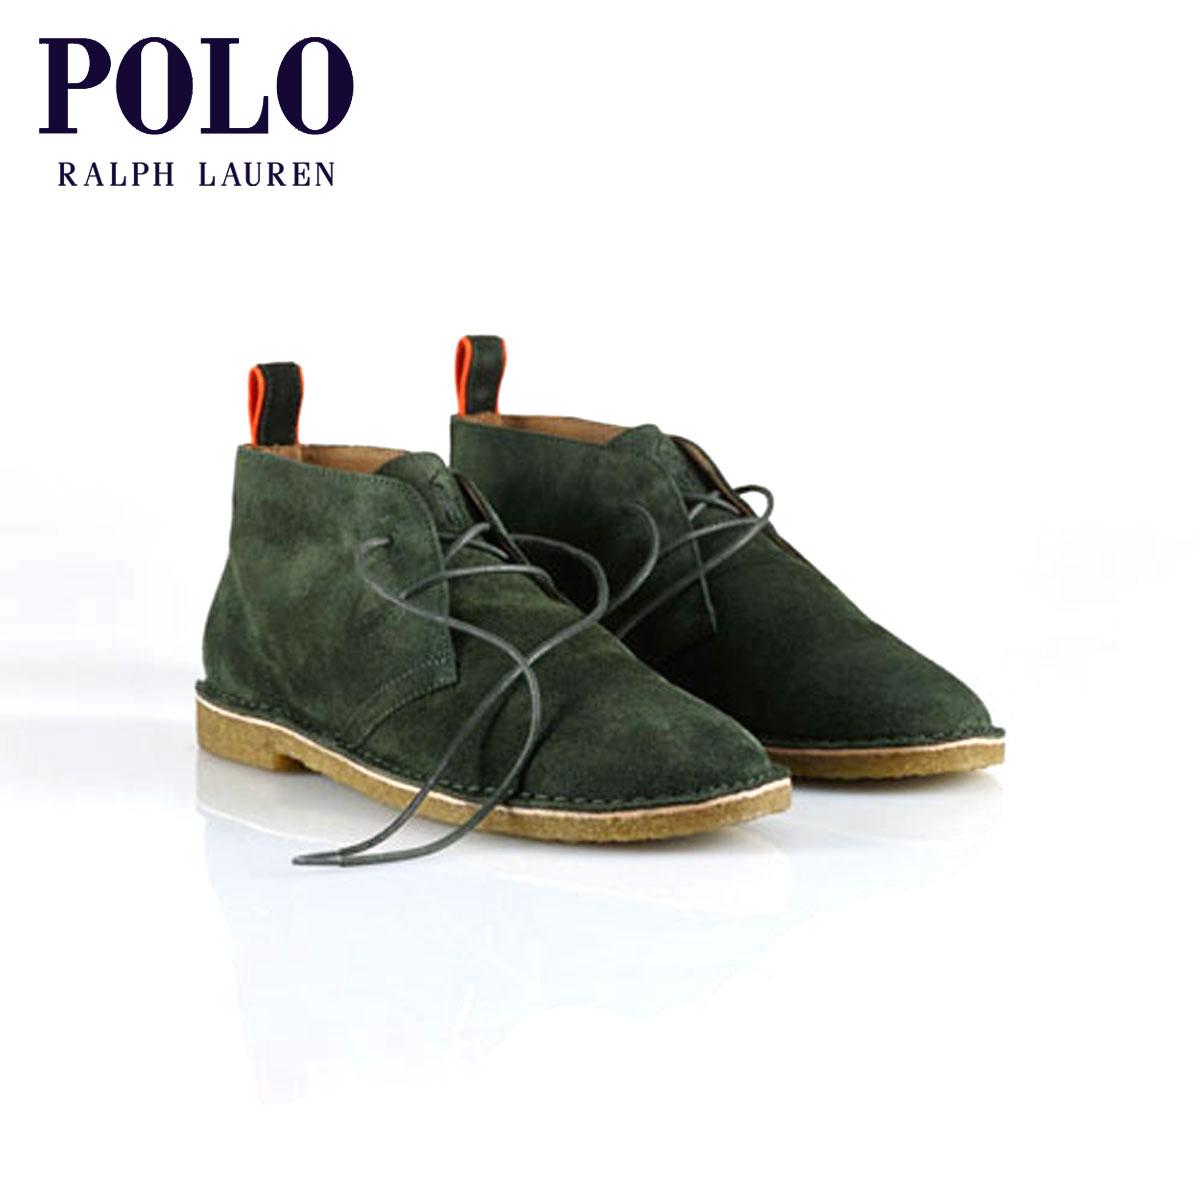 【販売期間 2/19 10:00〜3/2 9:59】 ポロ ラルフローレン POLO RALPH LAUREN 正規品 メンズ 靴 Casterton Suede Chukka Boot